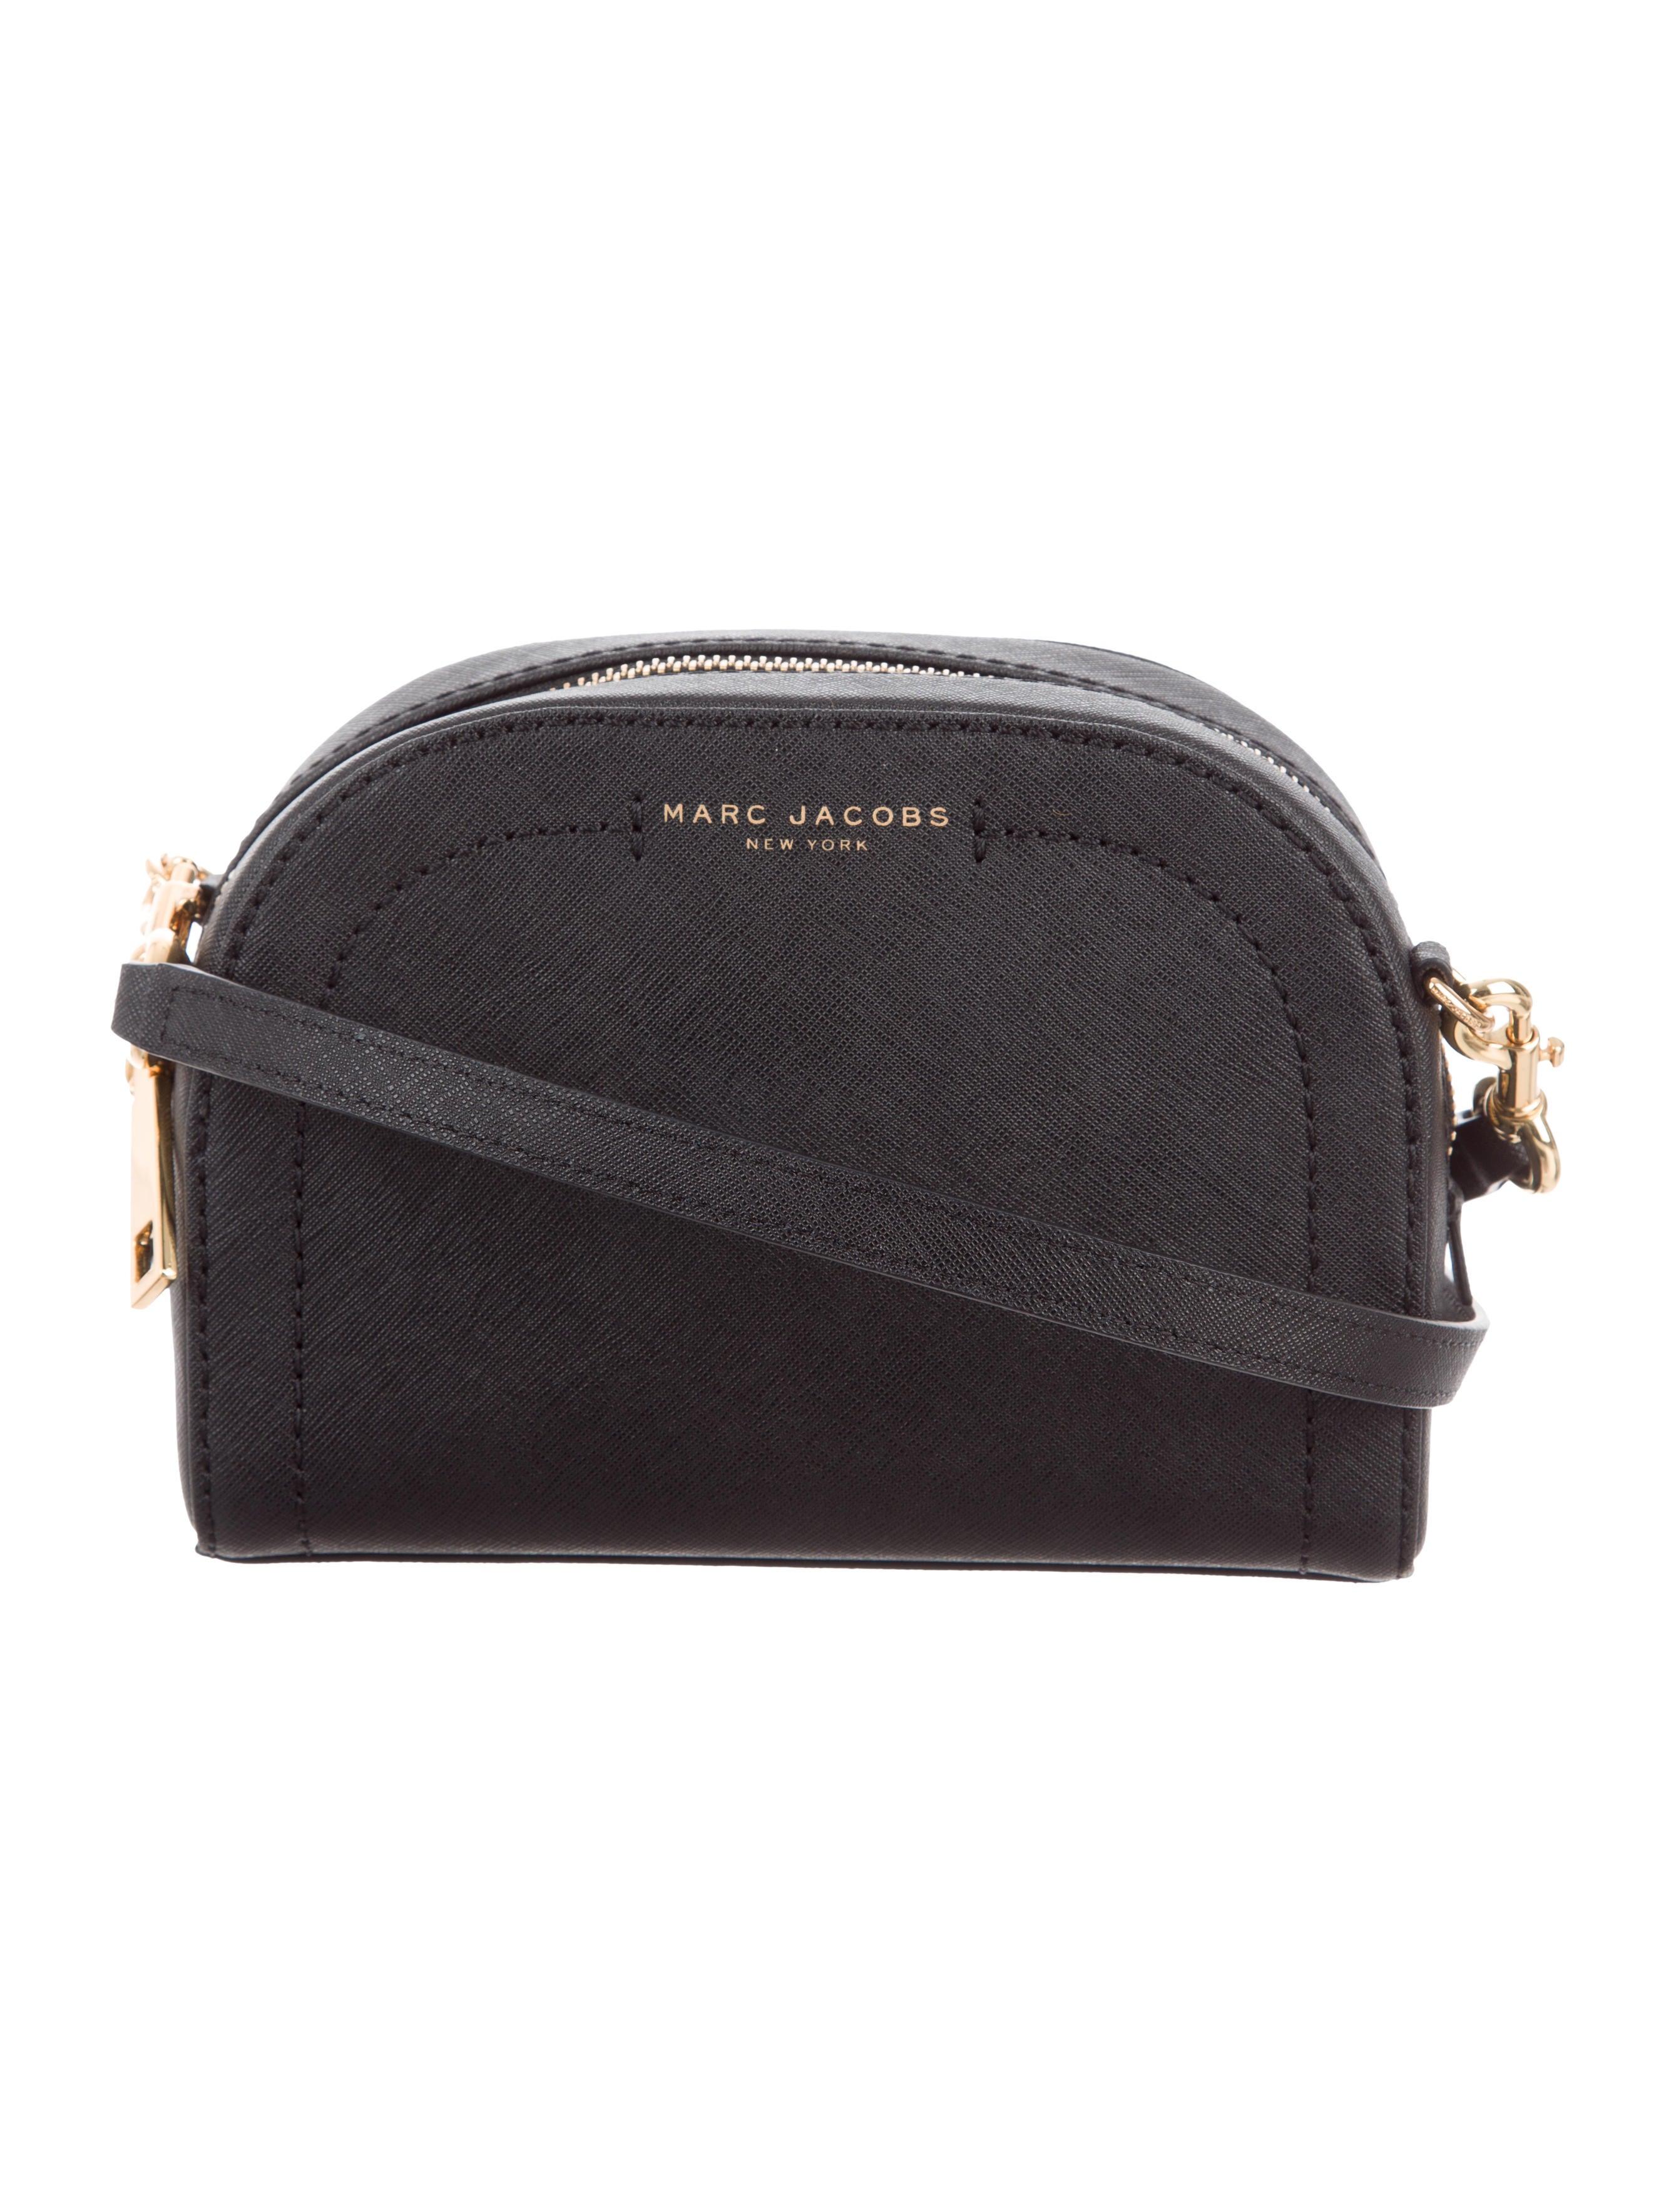 24ea563ef227e Marc Jacobs Playback Dome Crossbody Bag - Handbags - MAR48391